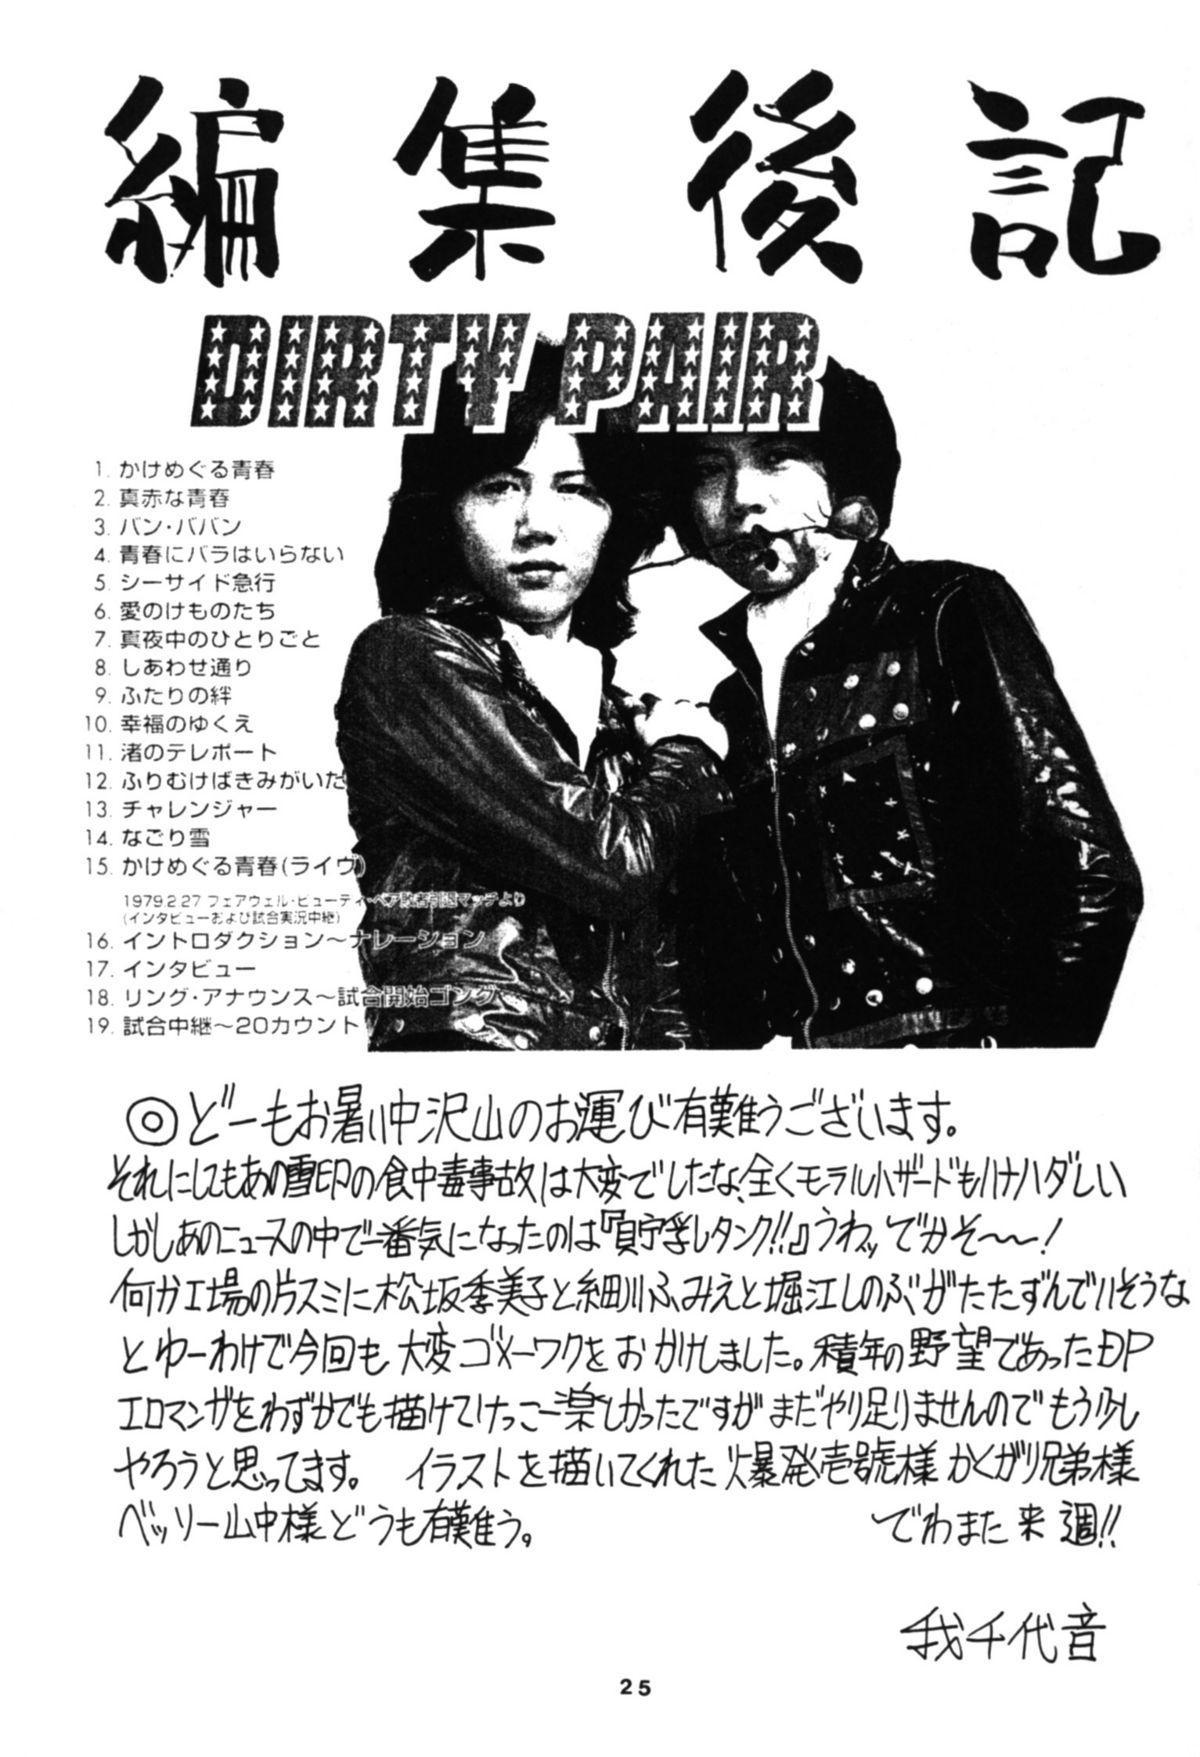 NNDP 23